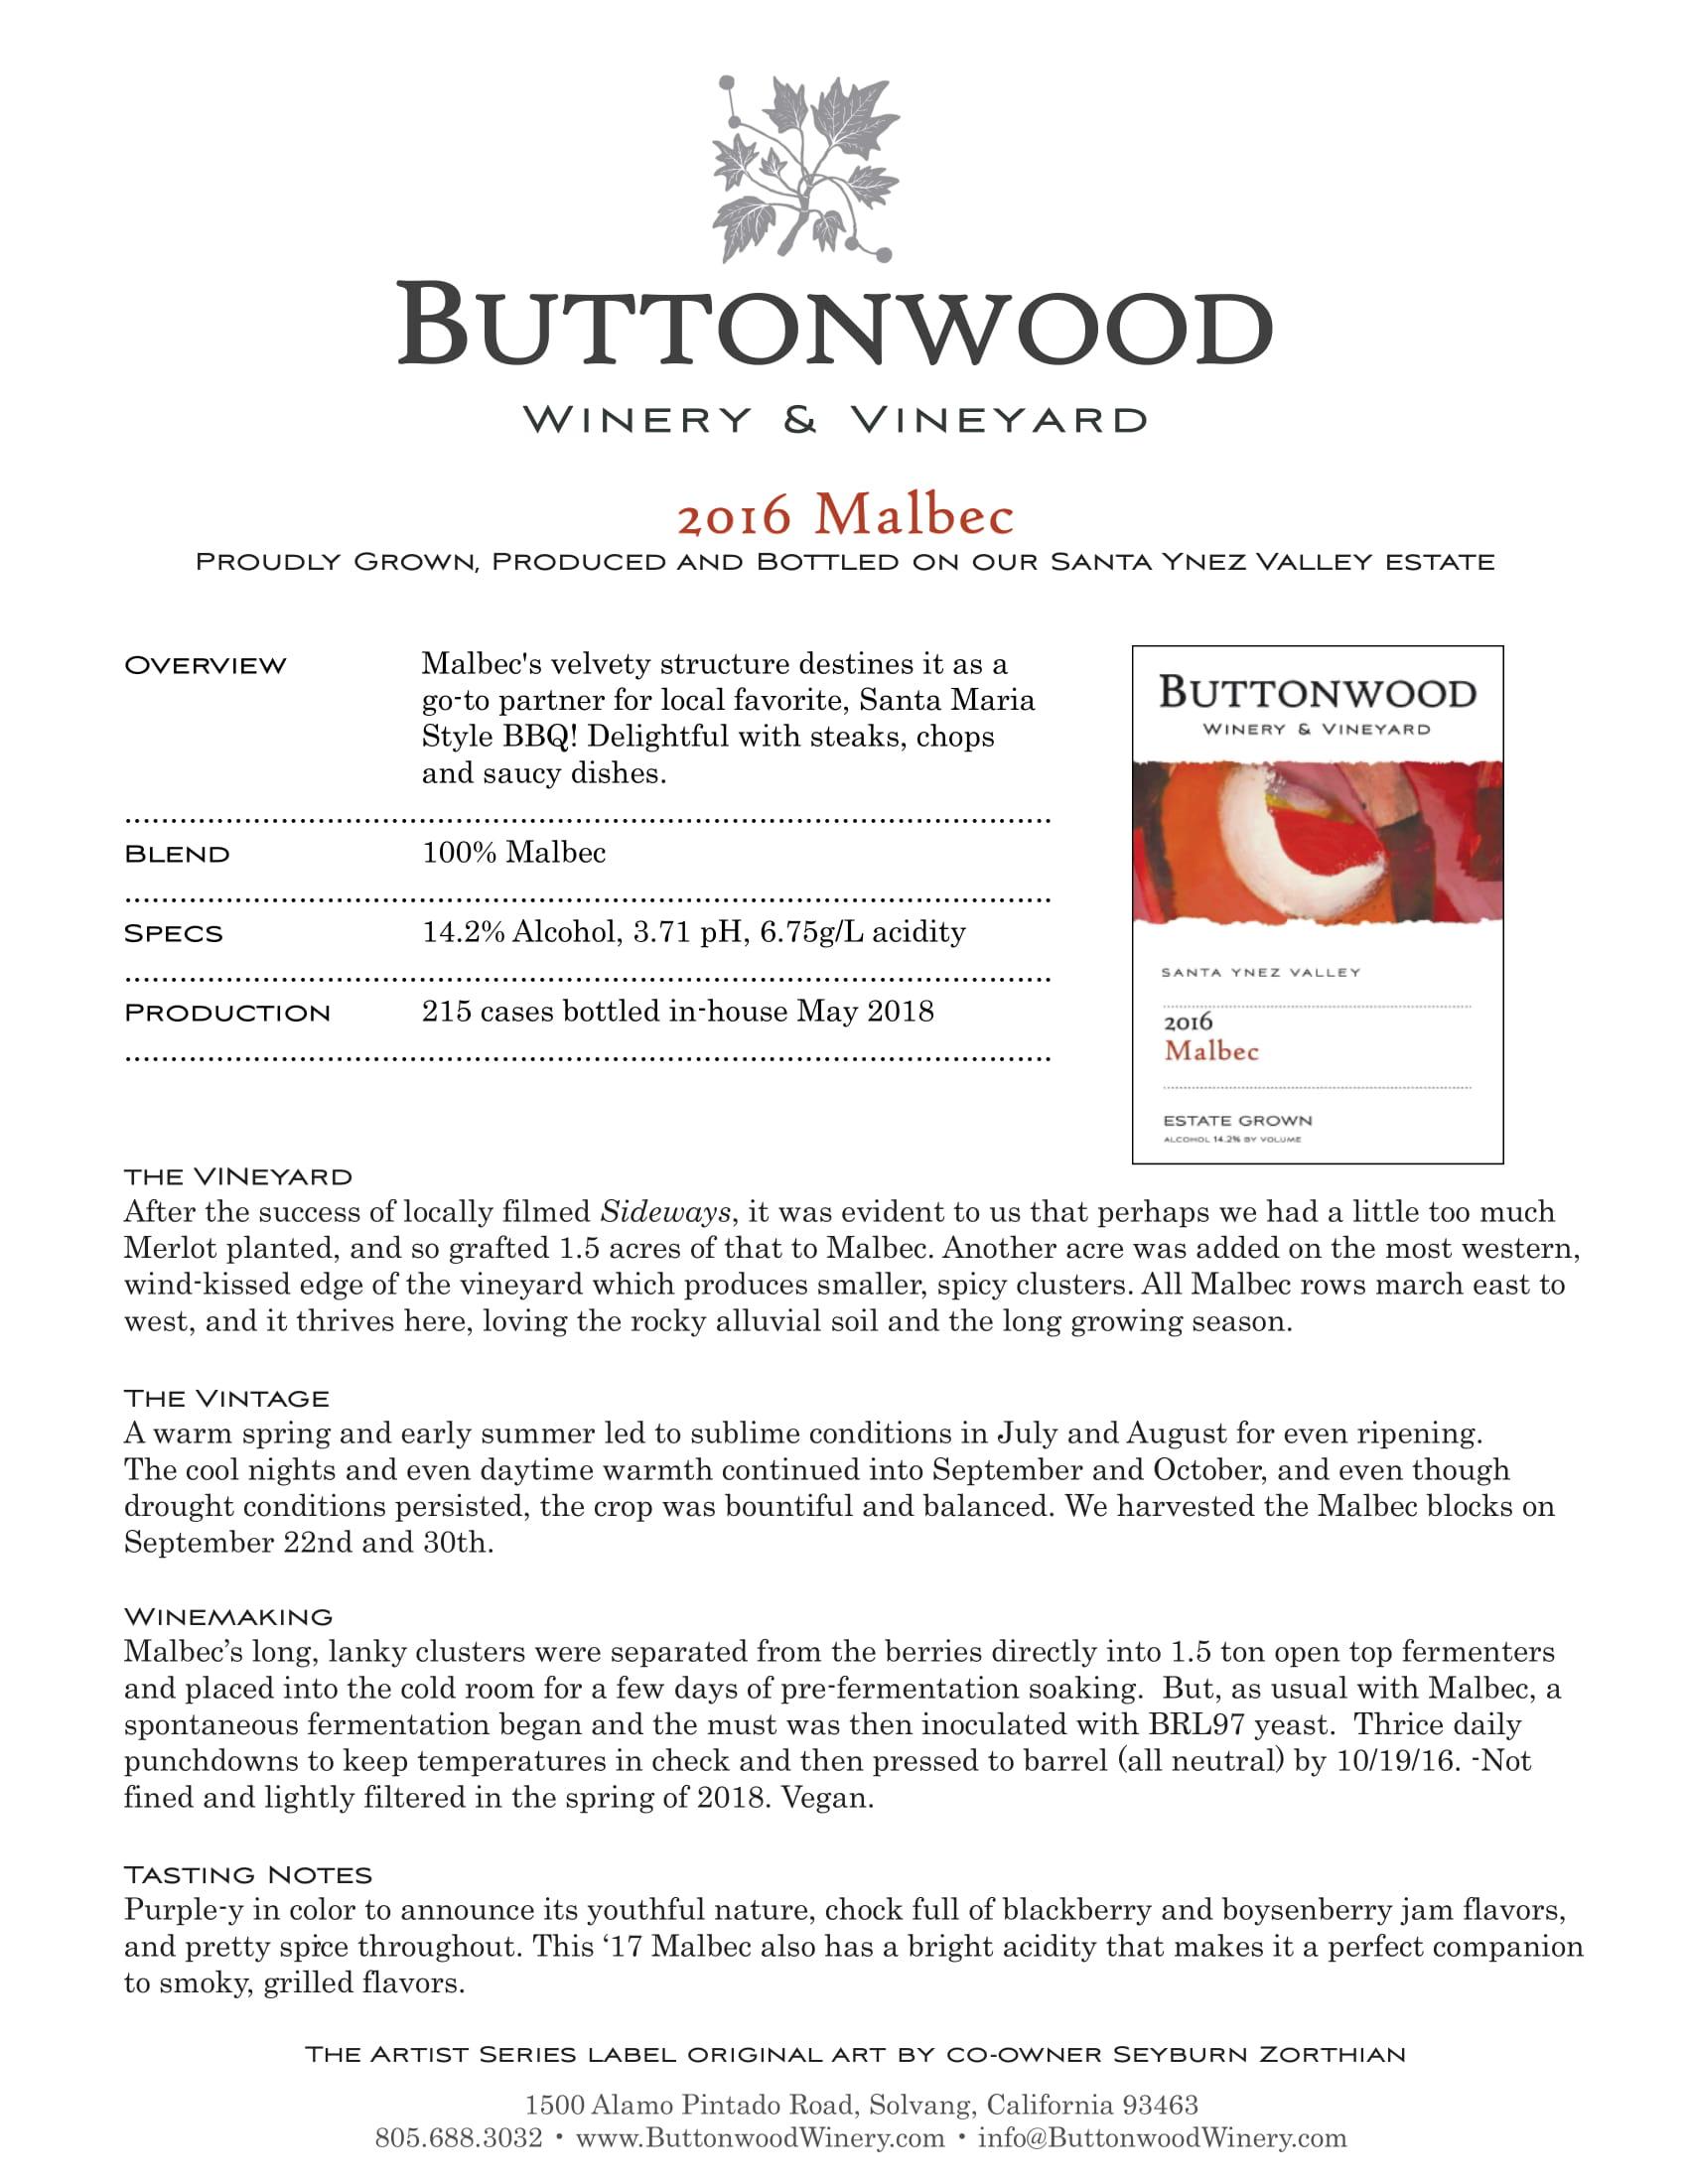 Buttonwood Malbec Tech Sheet